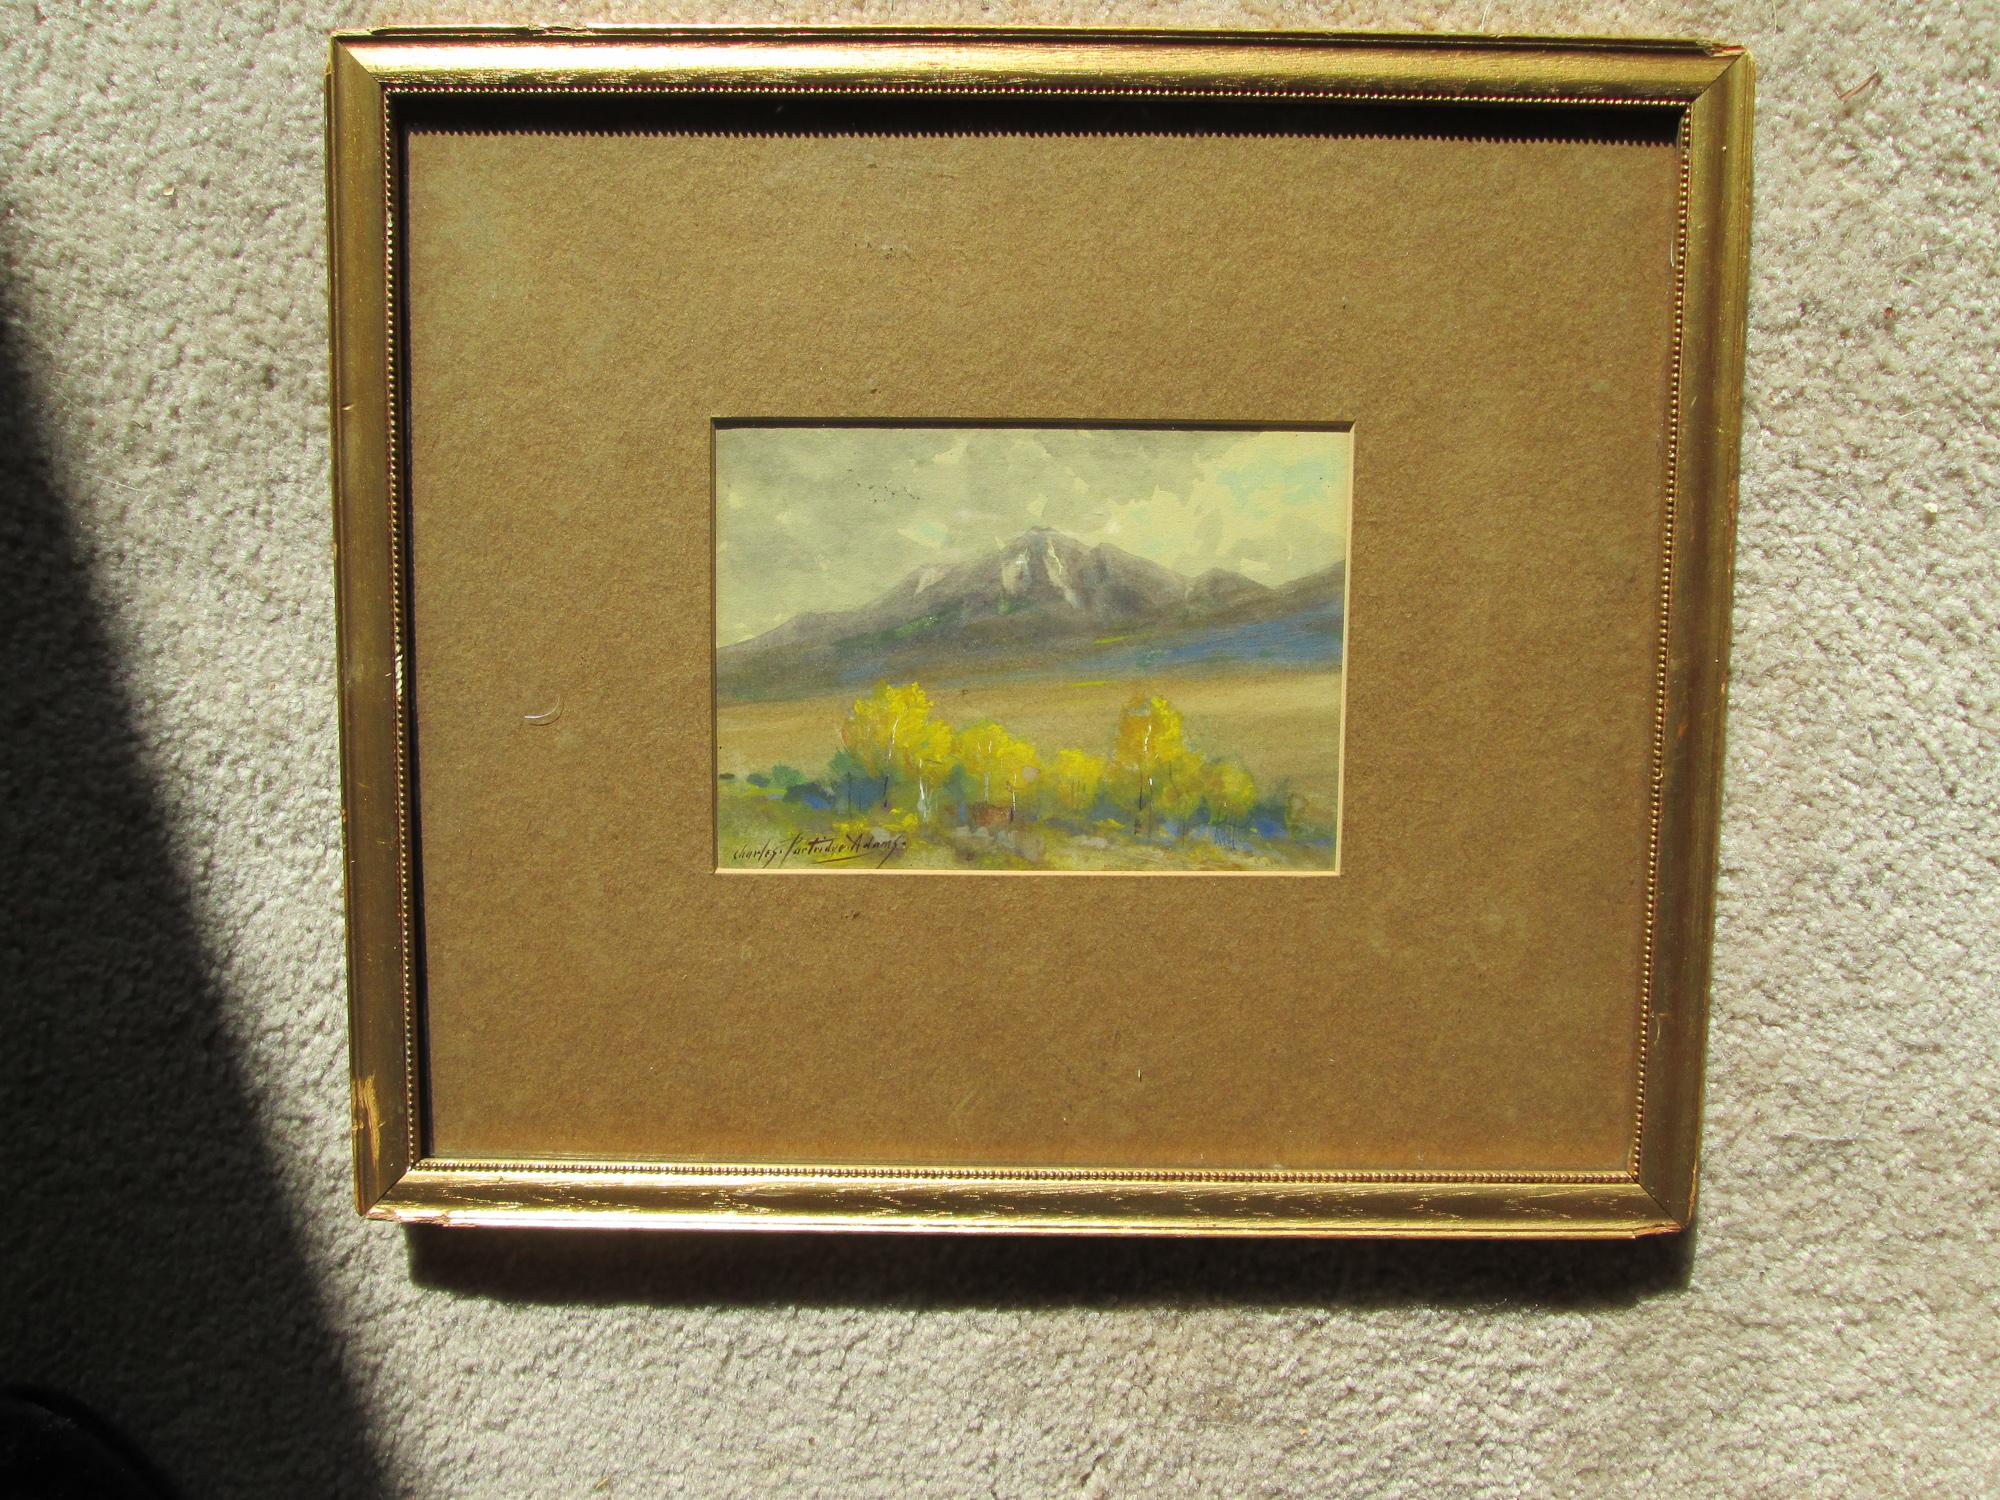 (Untitled) Mount Princeton, Colorado - Sold